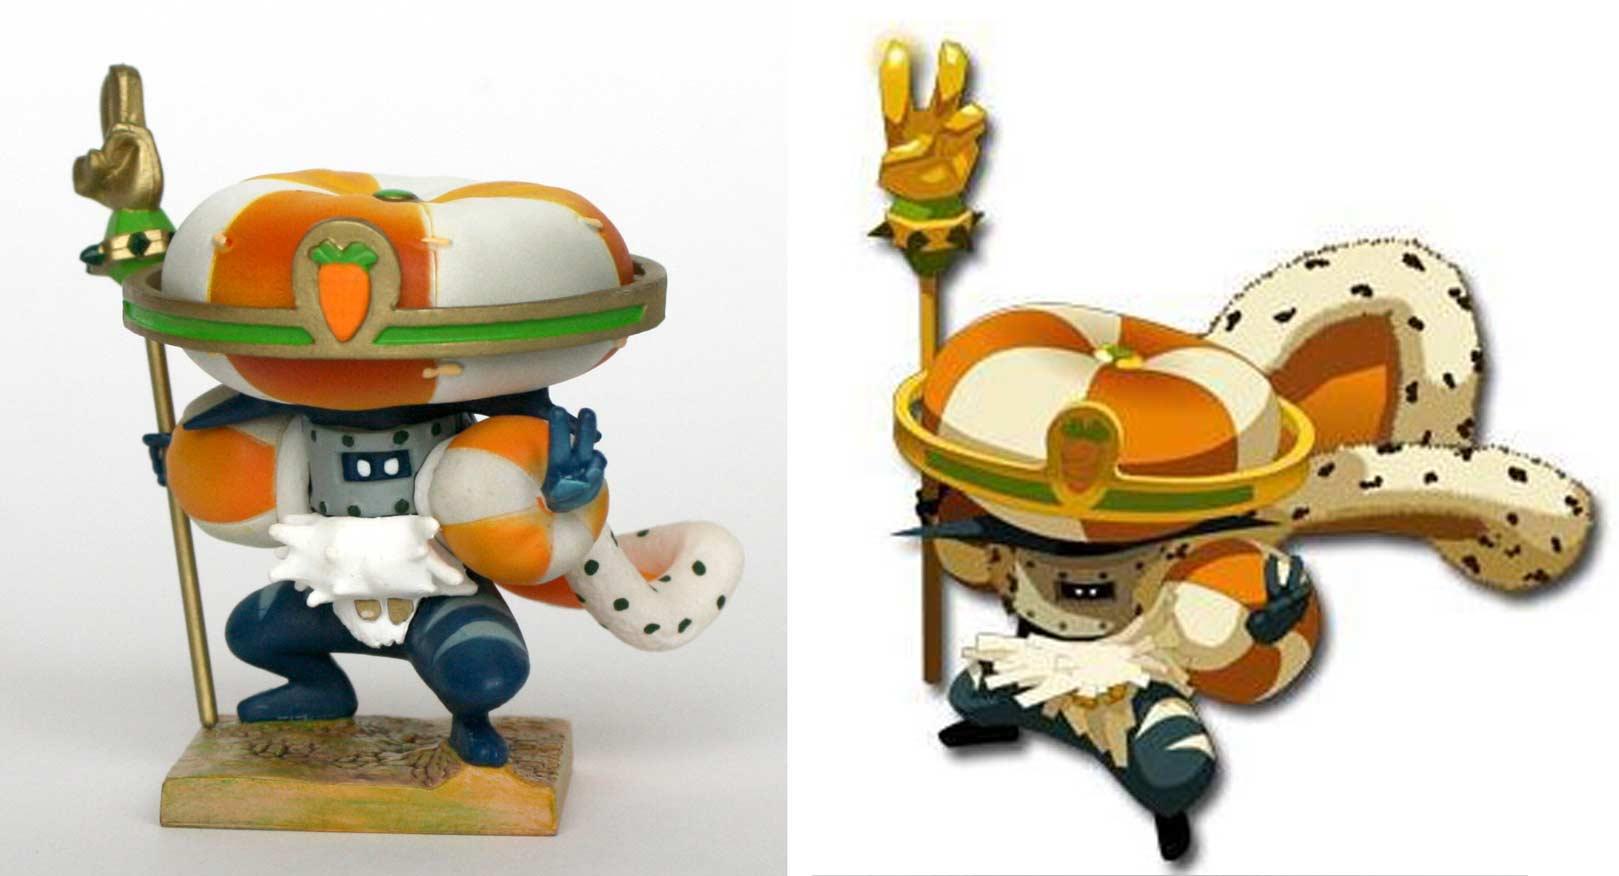 la figurine du Wa Wabbit est conforme à son modèle (Dofus - Wakfu)